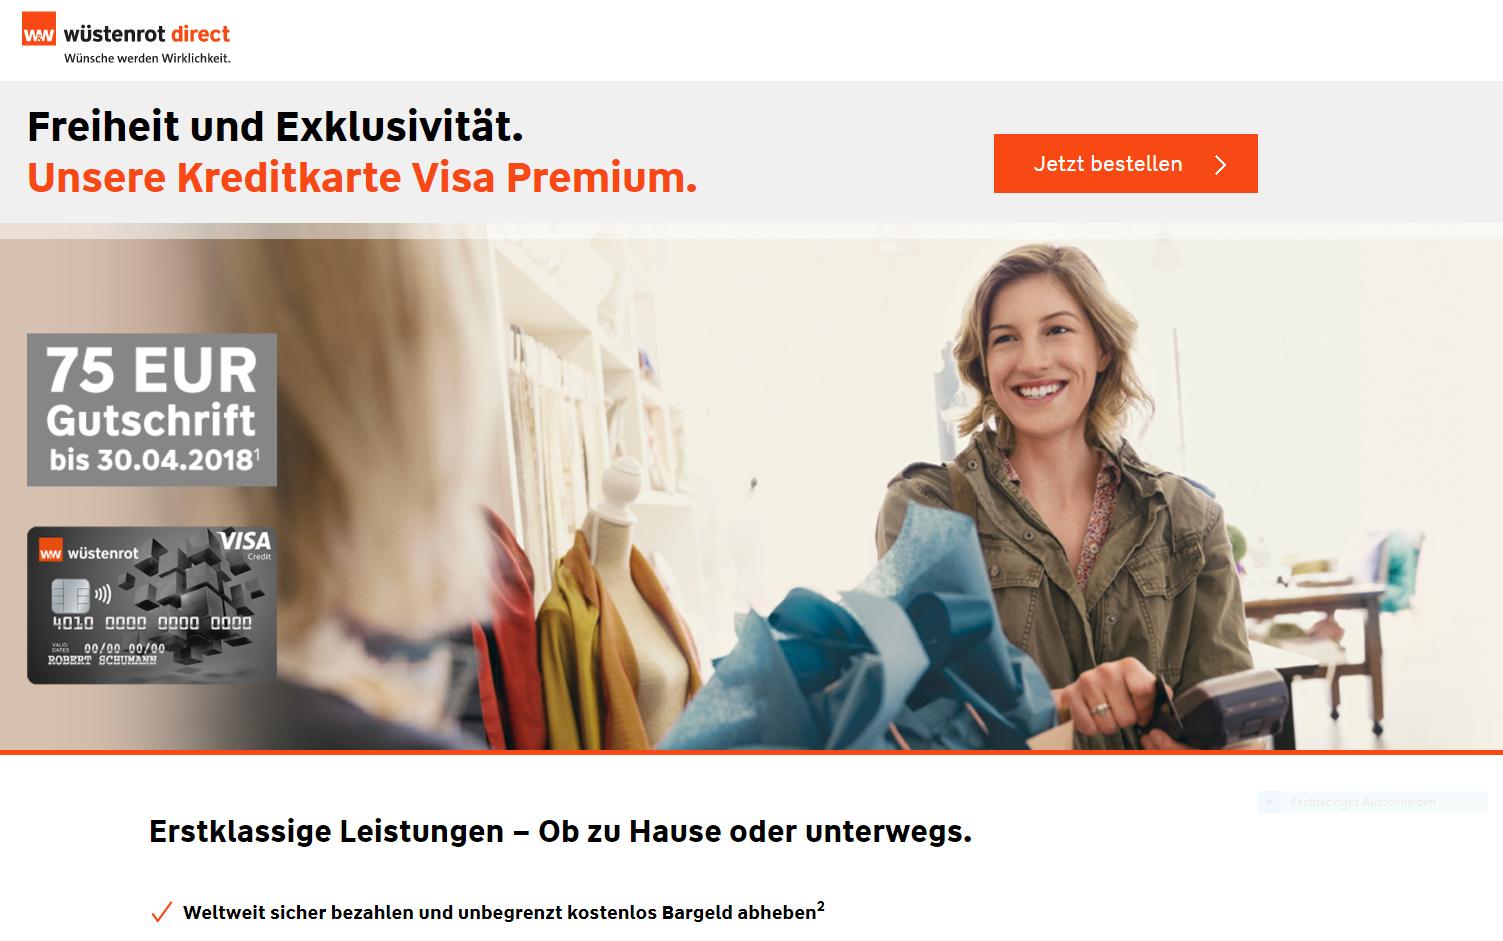 Wüstenrot & Württembergische Visa Premium Kreditcard